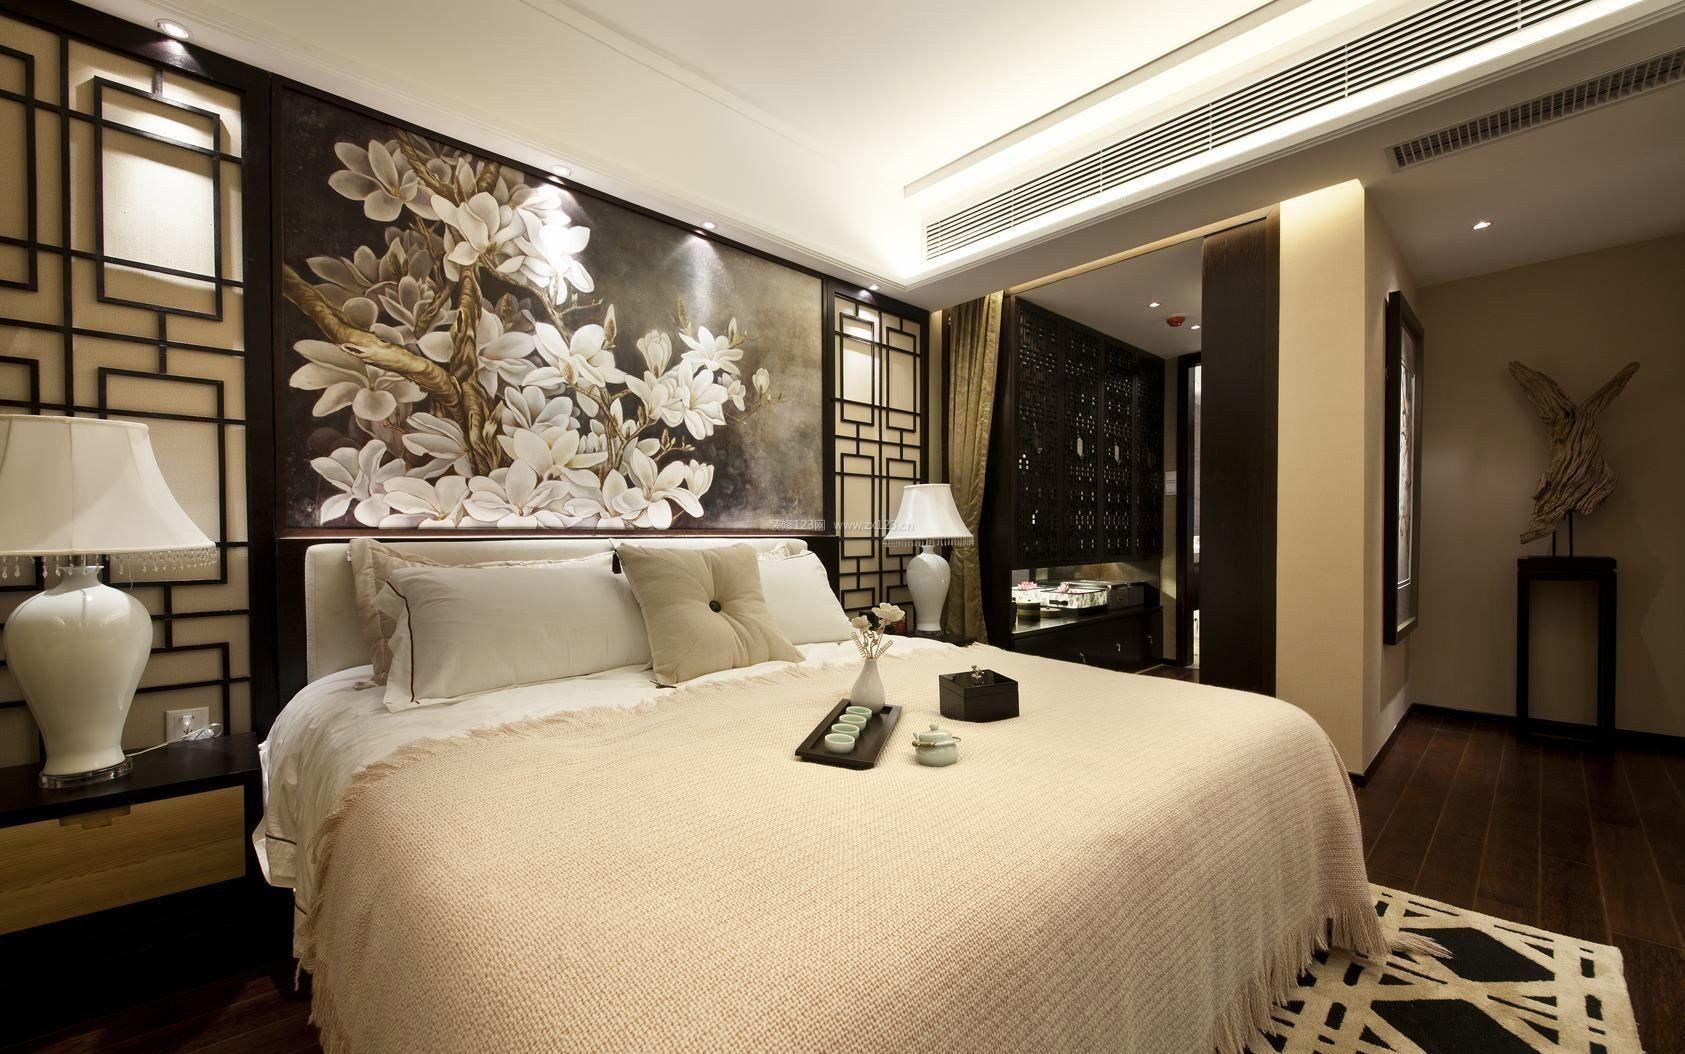 现代中式简约风格床头背景墙装修效果图图片